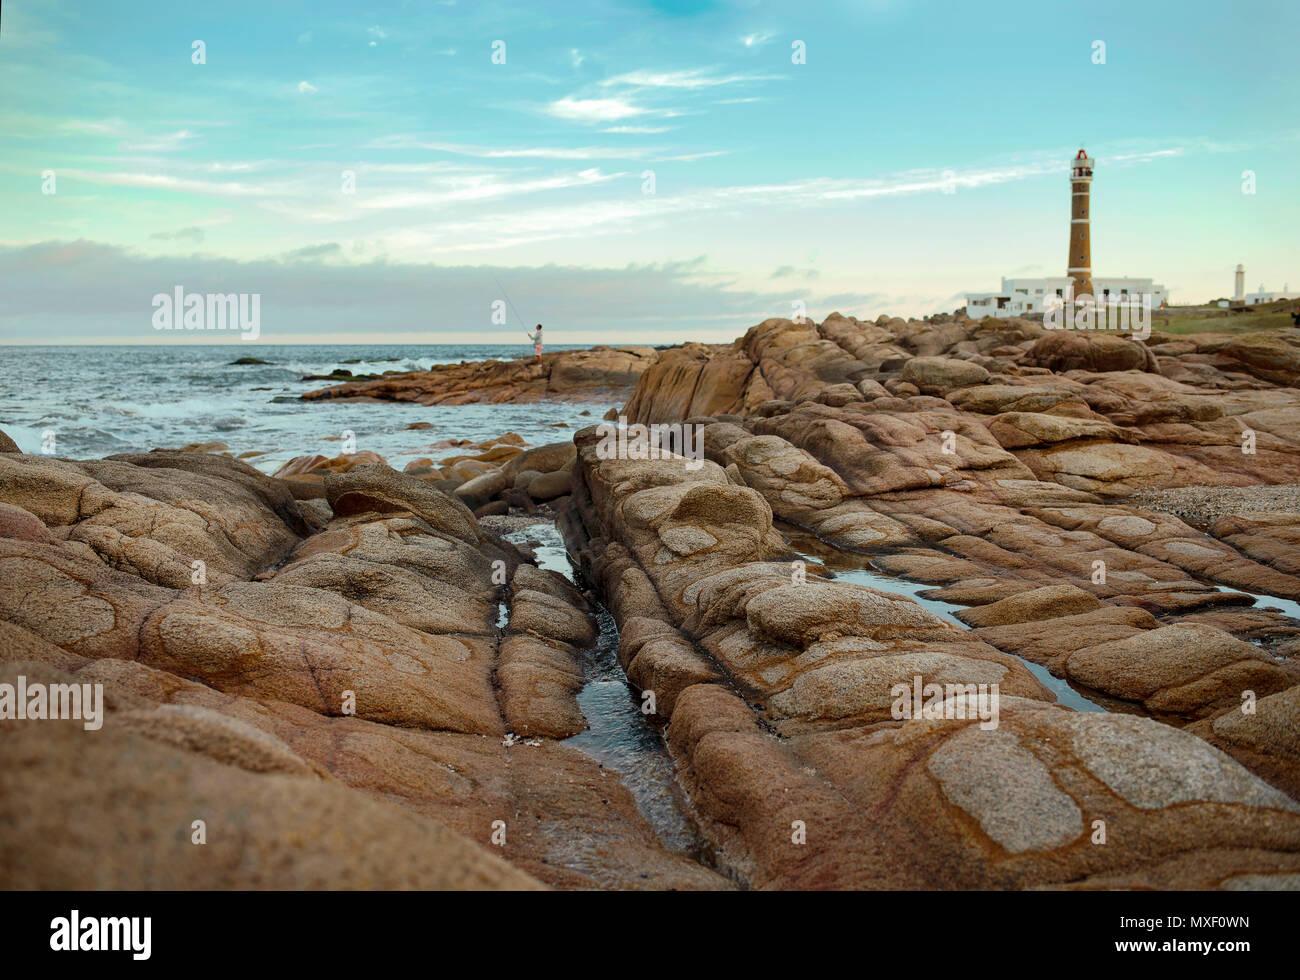 Cabo Polonio y su faro en el fondo. Patrimonio mundial de la UNESCO. Uruguay Sudamérica Imagen De Stock